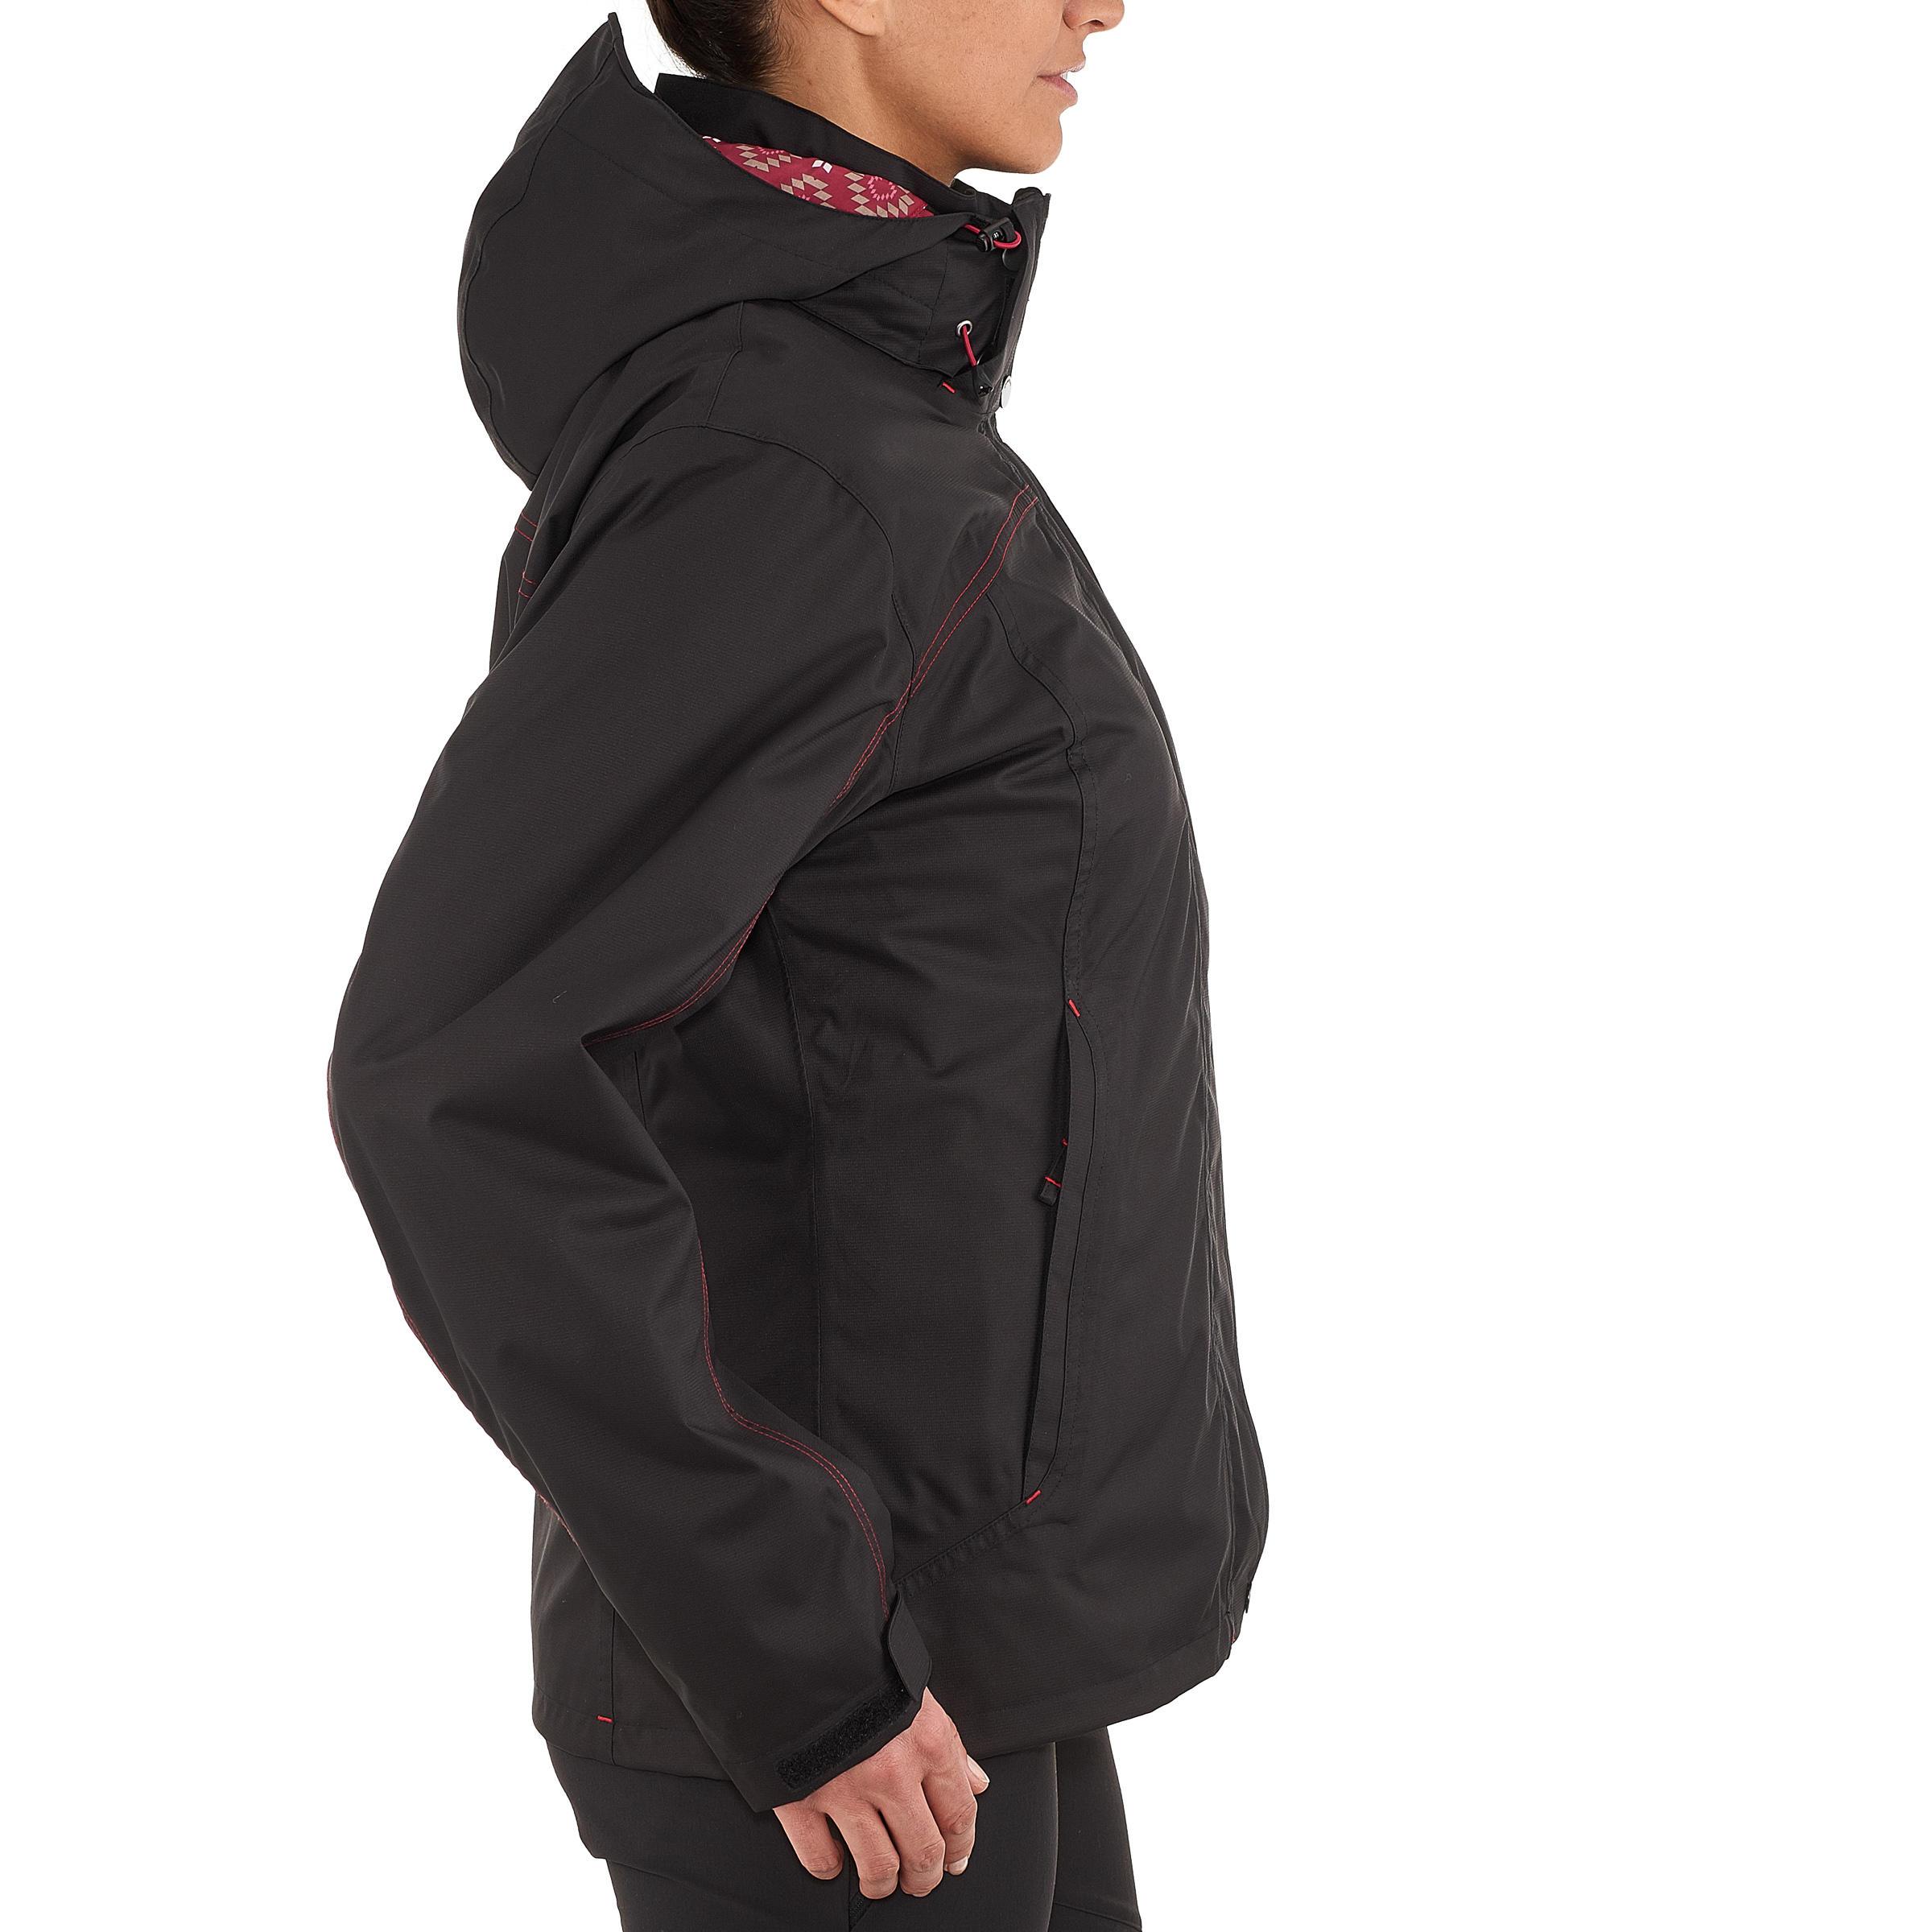 Veste randonnée Rainwarm 100 3 en 1 femme noir